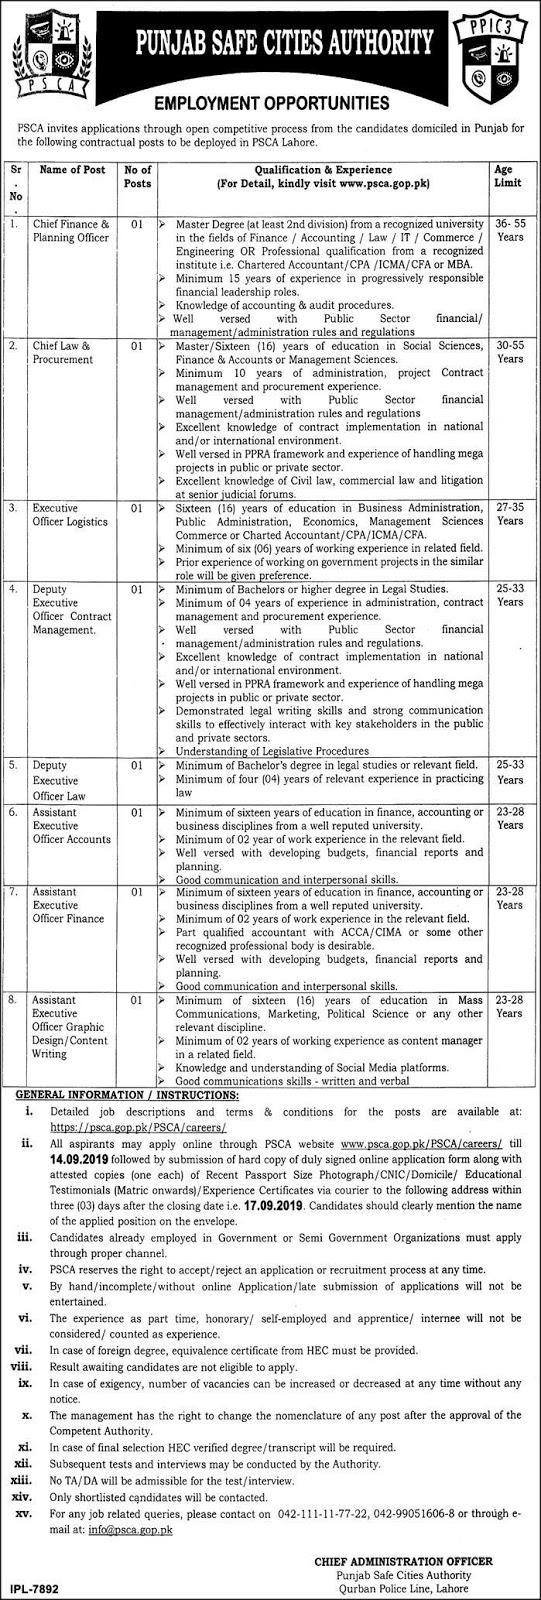 Punjab Safe Cities Authority Jobs